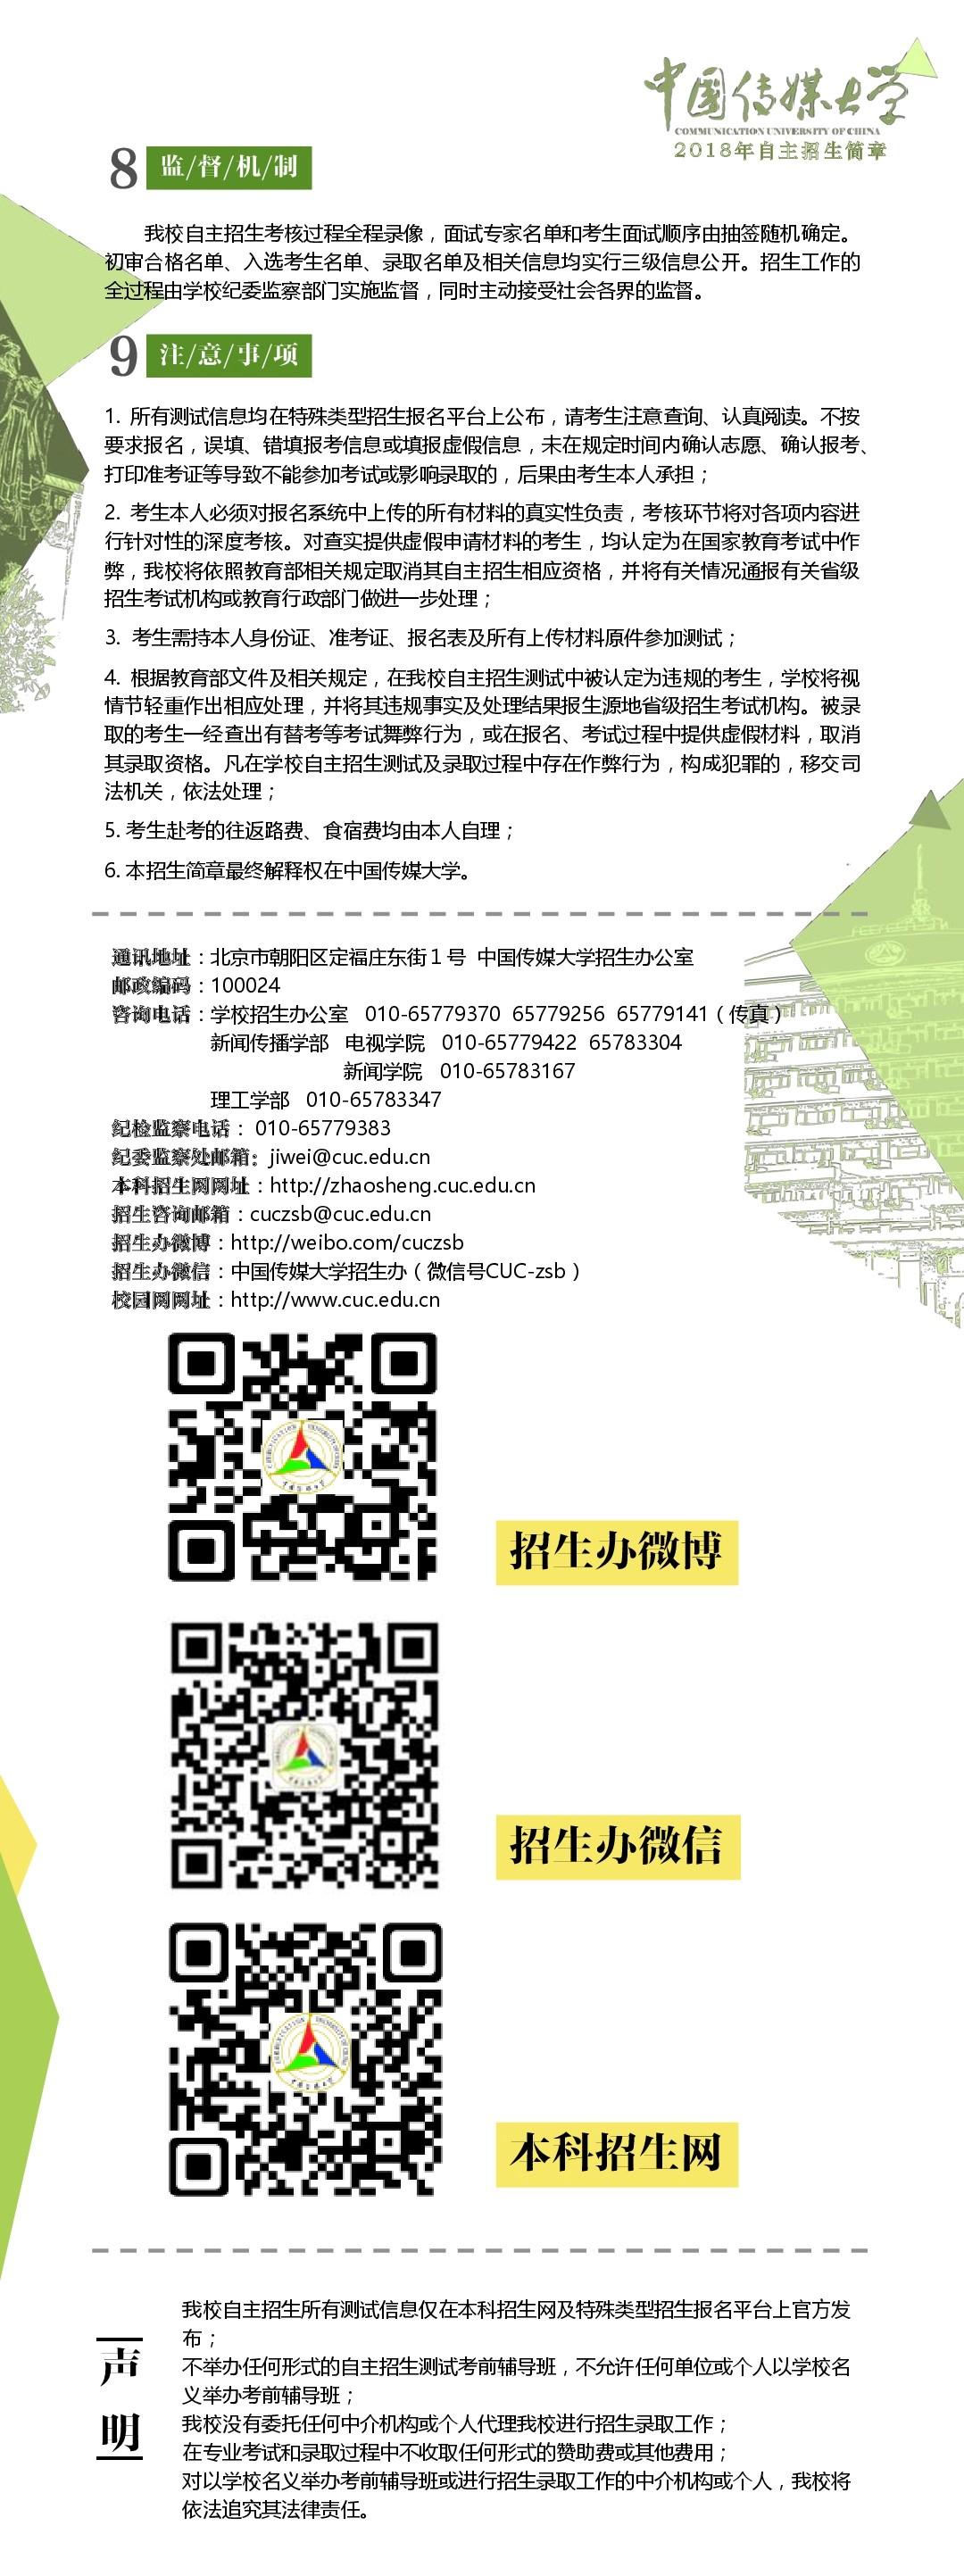 中国大学传媒2018年自主招生简章中央绿小学轴温州图片